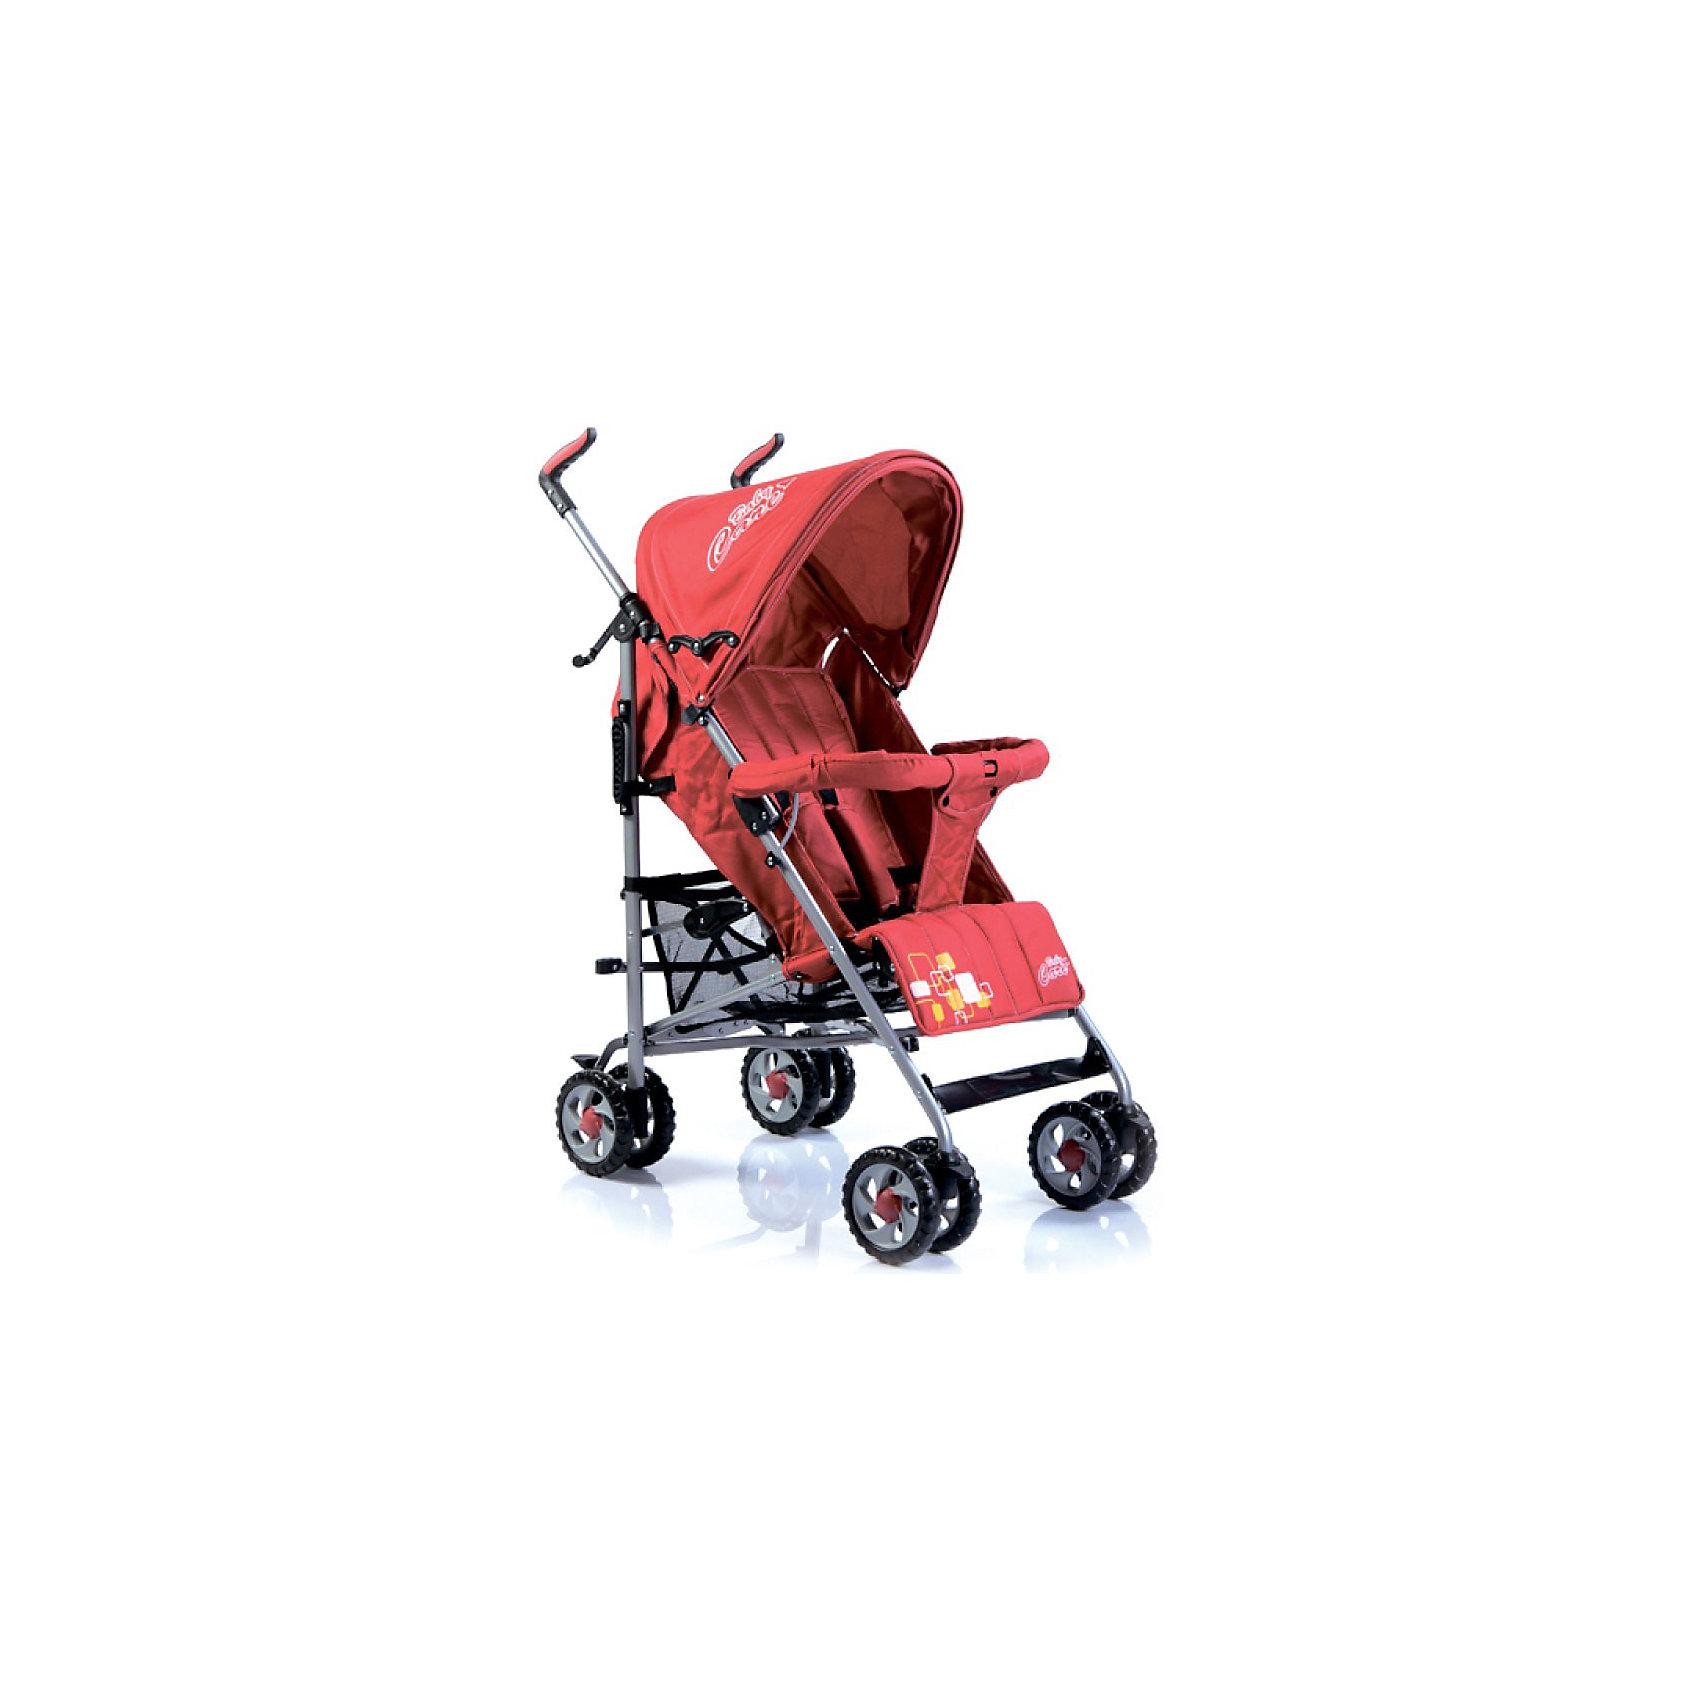 Коляска-трость CityStyle, Baby Care, красныйХарактеристики коляски-трости CityStyle Baby Care:<br><br>• спинка коляски регулируется плавно, несколько положений;<br>• имеются 5-ти точечные ремни безопасности;<br>• имеется бампер и мягкий разделитель для ножек;<br>• капюшон оснащен солнцезащитным козырьком;<br>• чехлы прогулочного блока съемные, стираются при температуре 30 градусов.<br><br>Характеристики шасси коляски CityStyle Baby Care:<br><br>• тип складывания: трость;<br>• материал рамы: алюминий;<br>• сдвоенные колеса, передние поворотные;<br>• фиксатор от раскладывания, механический крючок;<br>• сетчатая корзина для покупок;<br>• стояночный ножной тормоз.<br><br>Размеры коляски:<br><br>• размер в разложенном виде: 50х68х105 см;<br>• вес коляски: 6,2 кг;<br>• ширина сиденья: 34 см;<br>• глубина сиденья: 32 см;<br>• длина спального места: 78 см;<br>• ширина колесной базы: 47 см;<br>• диаметр колес: 15 см;<br>• размер упаковки: 100,5х20х27 см;<br>• вес упаковки: 7,5 кг.<br><br>Коляска-трость предназначена для детей в возрасте от 7 месяцев до 3-х лет. Легкая и маневренная прогулочная коляска подходит для путешествий. Наклон спинки коляски плавно регулируется 5 положениях. Коляска оснащена страховочным бампером и ремнями безопасности. Глубокий капор защищает малыша от солнечных лучей и небольших осадков. <br><br>Коляску-трость CityStyle, Baby Care, красную можно купить в нашем интернет-магазине.<br><br>Ширина мм: 1070<br>Глубина мм: 350<br>Высота мм: 300<br>Вес г: 7400<br>Цвет: красный<br>Возраст от месяцев: 6<br>Возраст до месяцев: 48<br>Пол: Унисекс<br>Возраст: Детский<br>SKU: 3534869